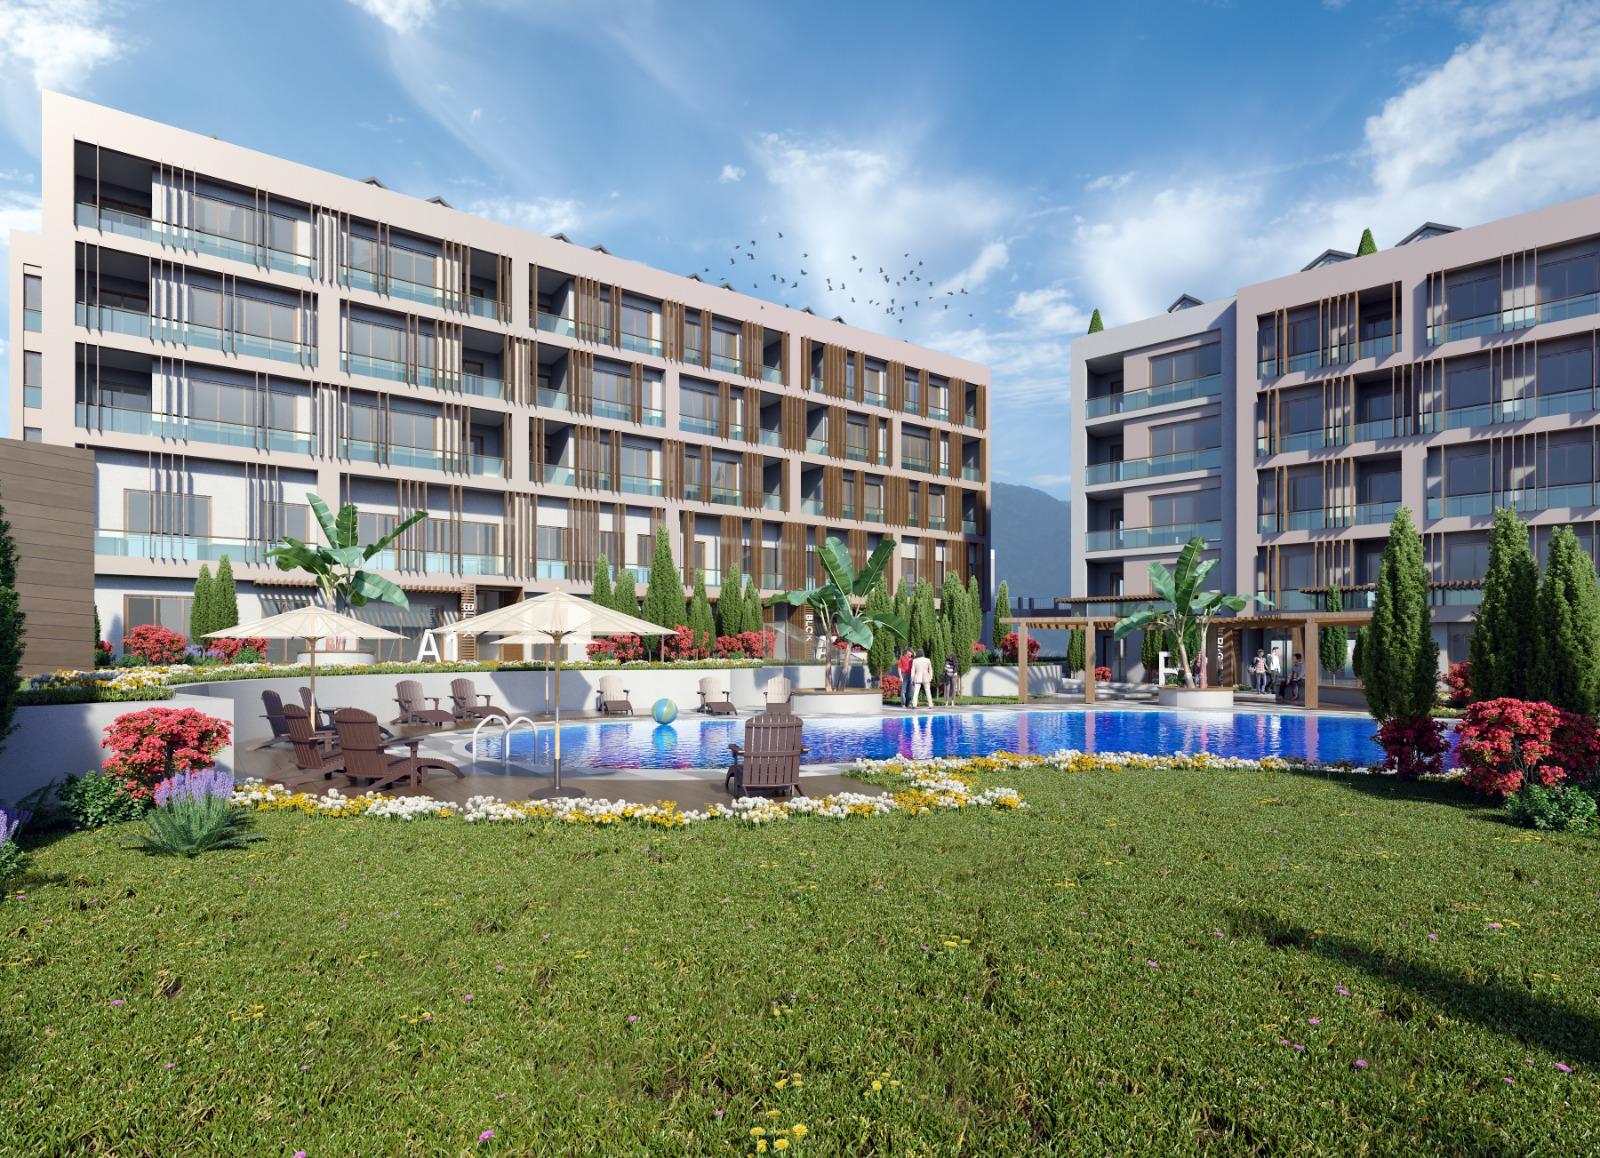 Апартаменты в новом комплексе на берегу моря - Фото 9